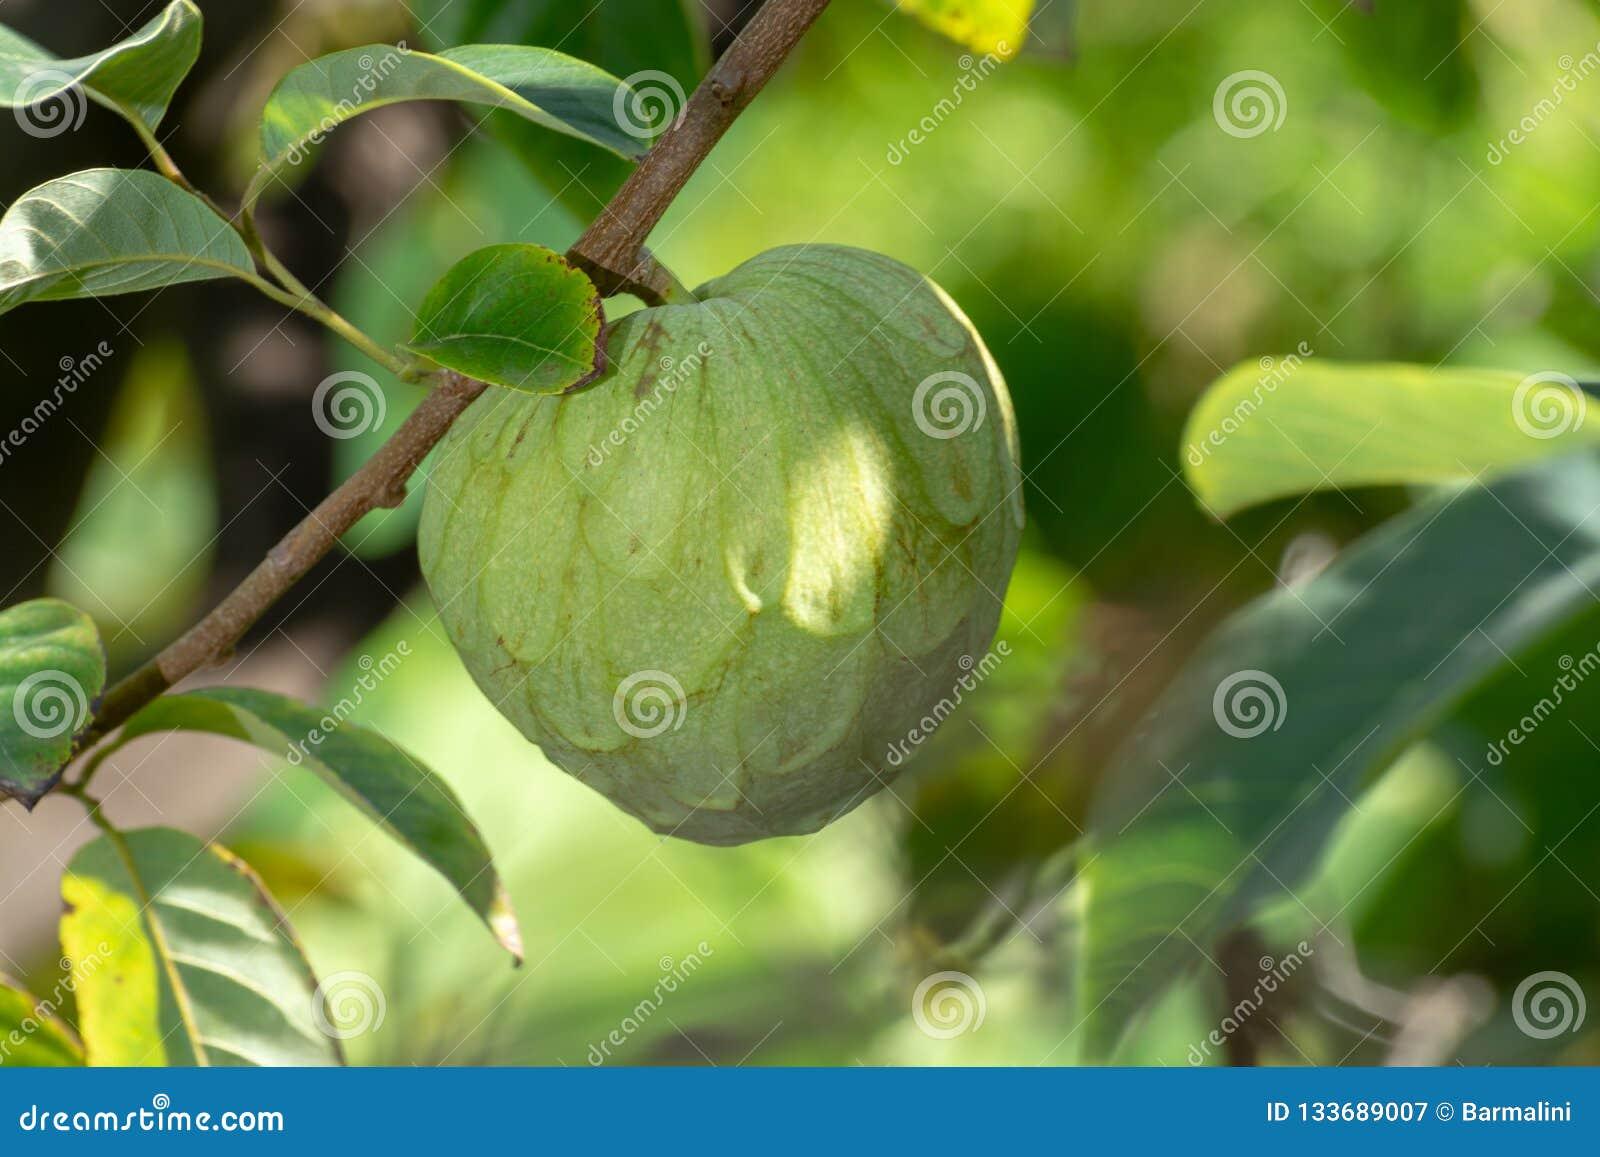 Zielona dojrzała cherimoya lub lody egzotyczna owoc z smakowitą owoc